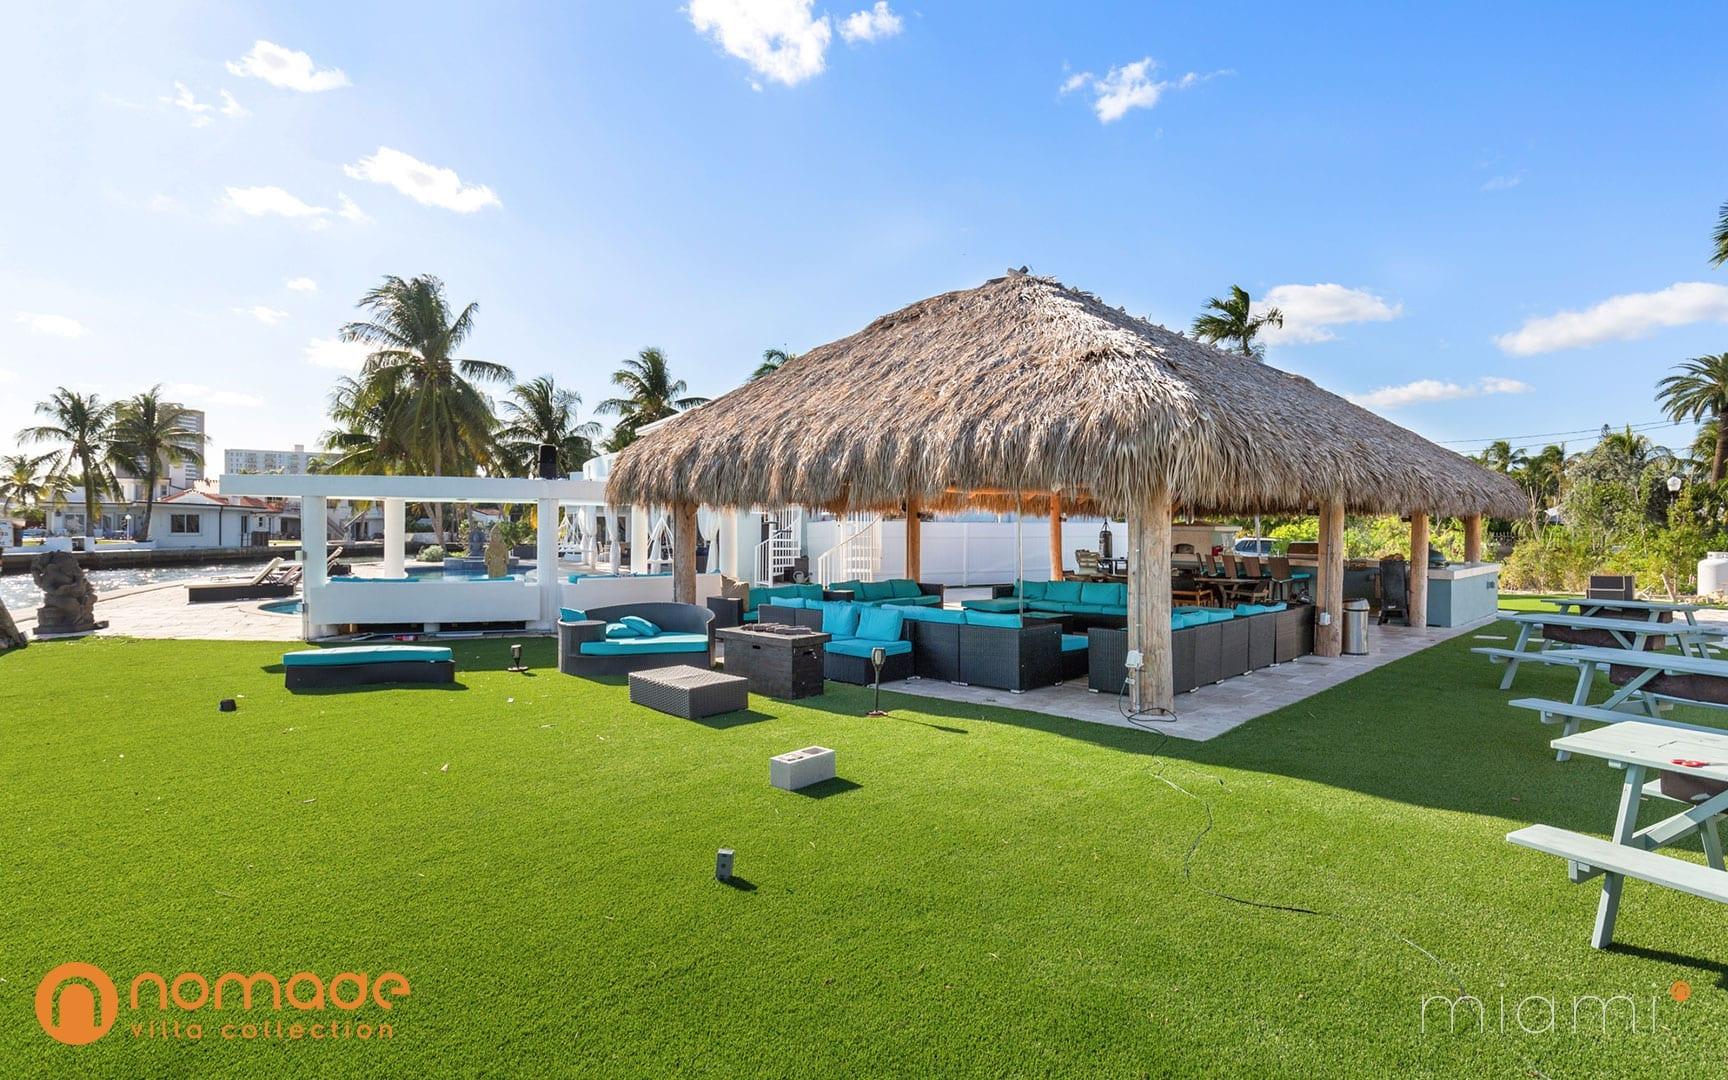 Villa Casa Blu luxury vacation rental villa in Miami | Nomade Villa Collection